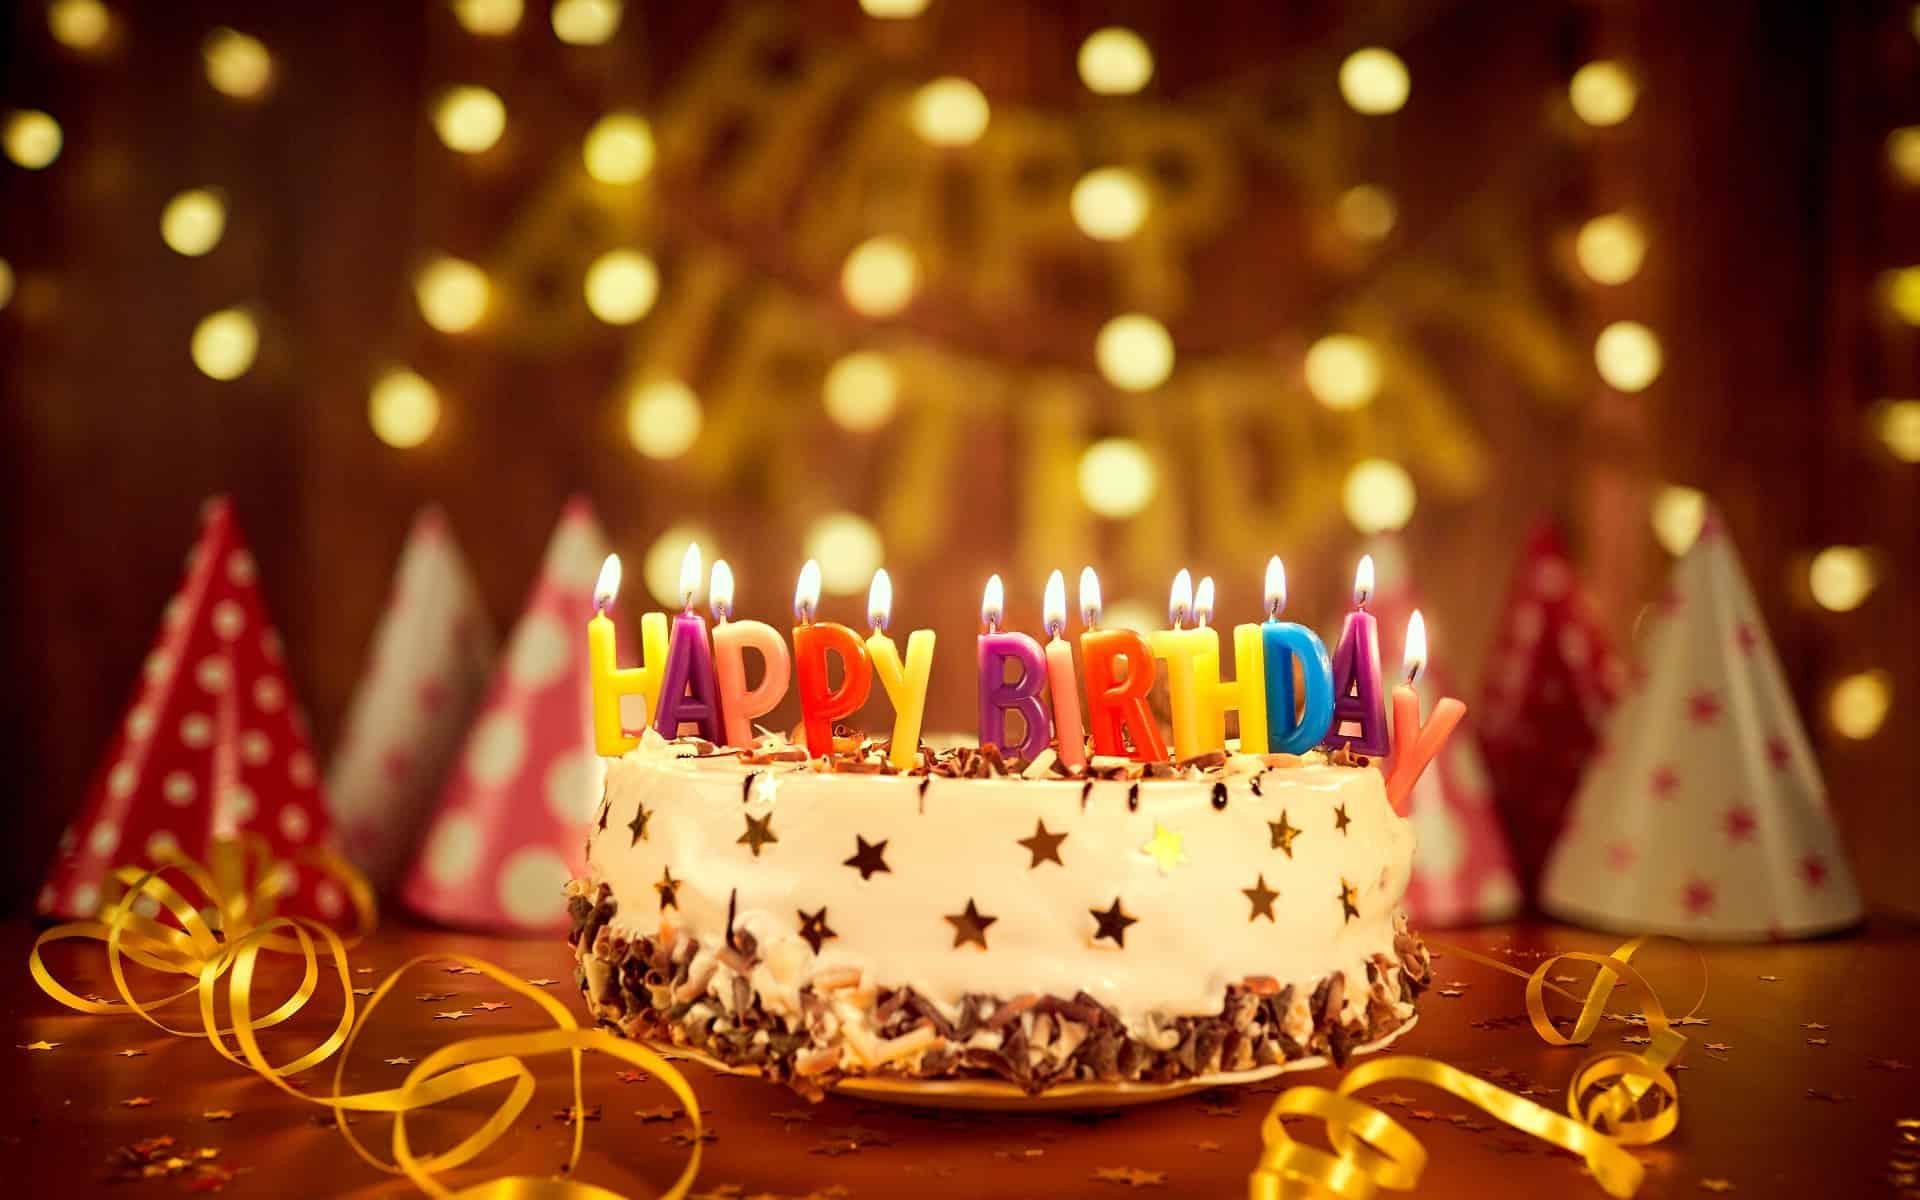 صورة هدايا اعياد ميلاد للاصدقاء , شكل رائع لهدية عيد ميلاد صديقتى 2459 6